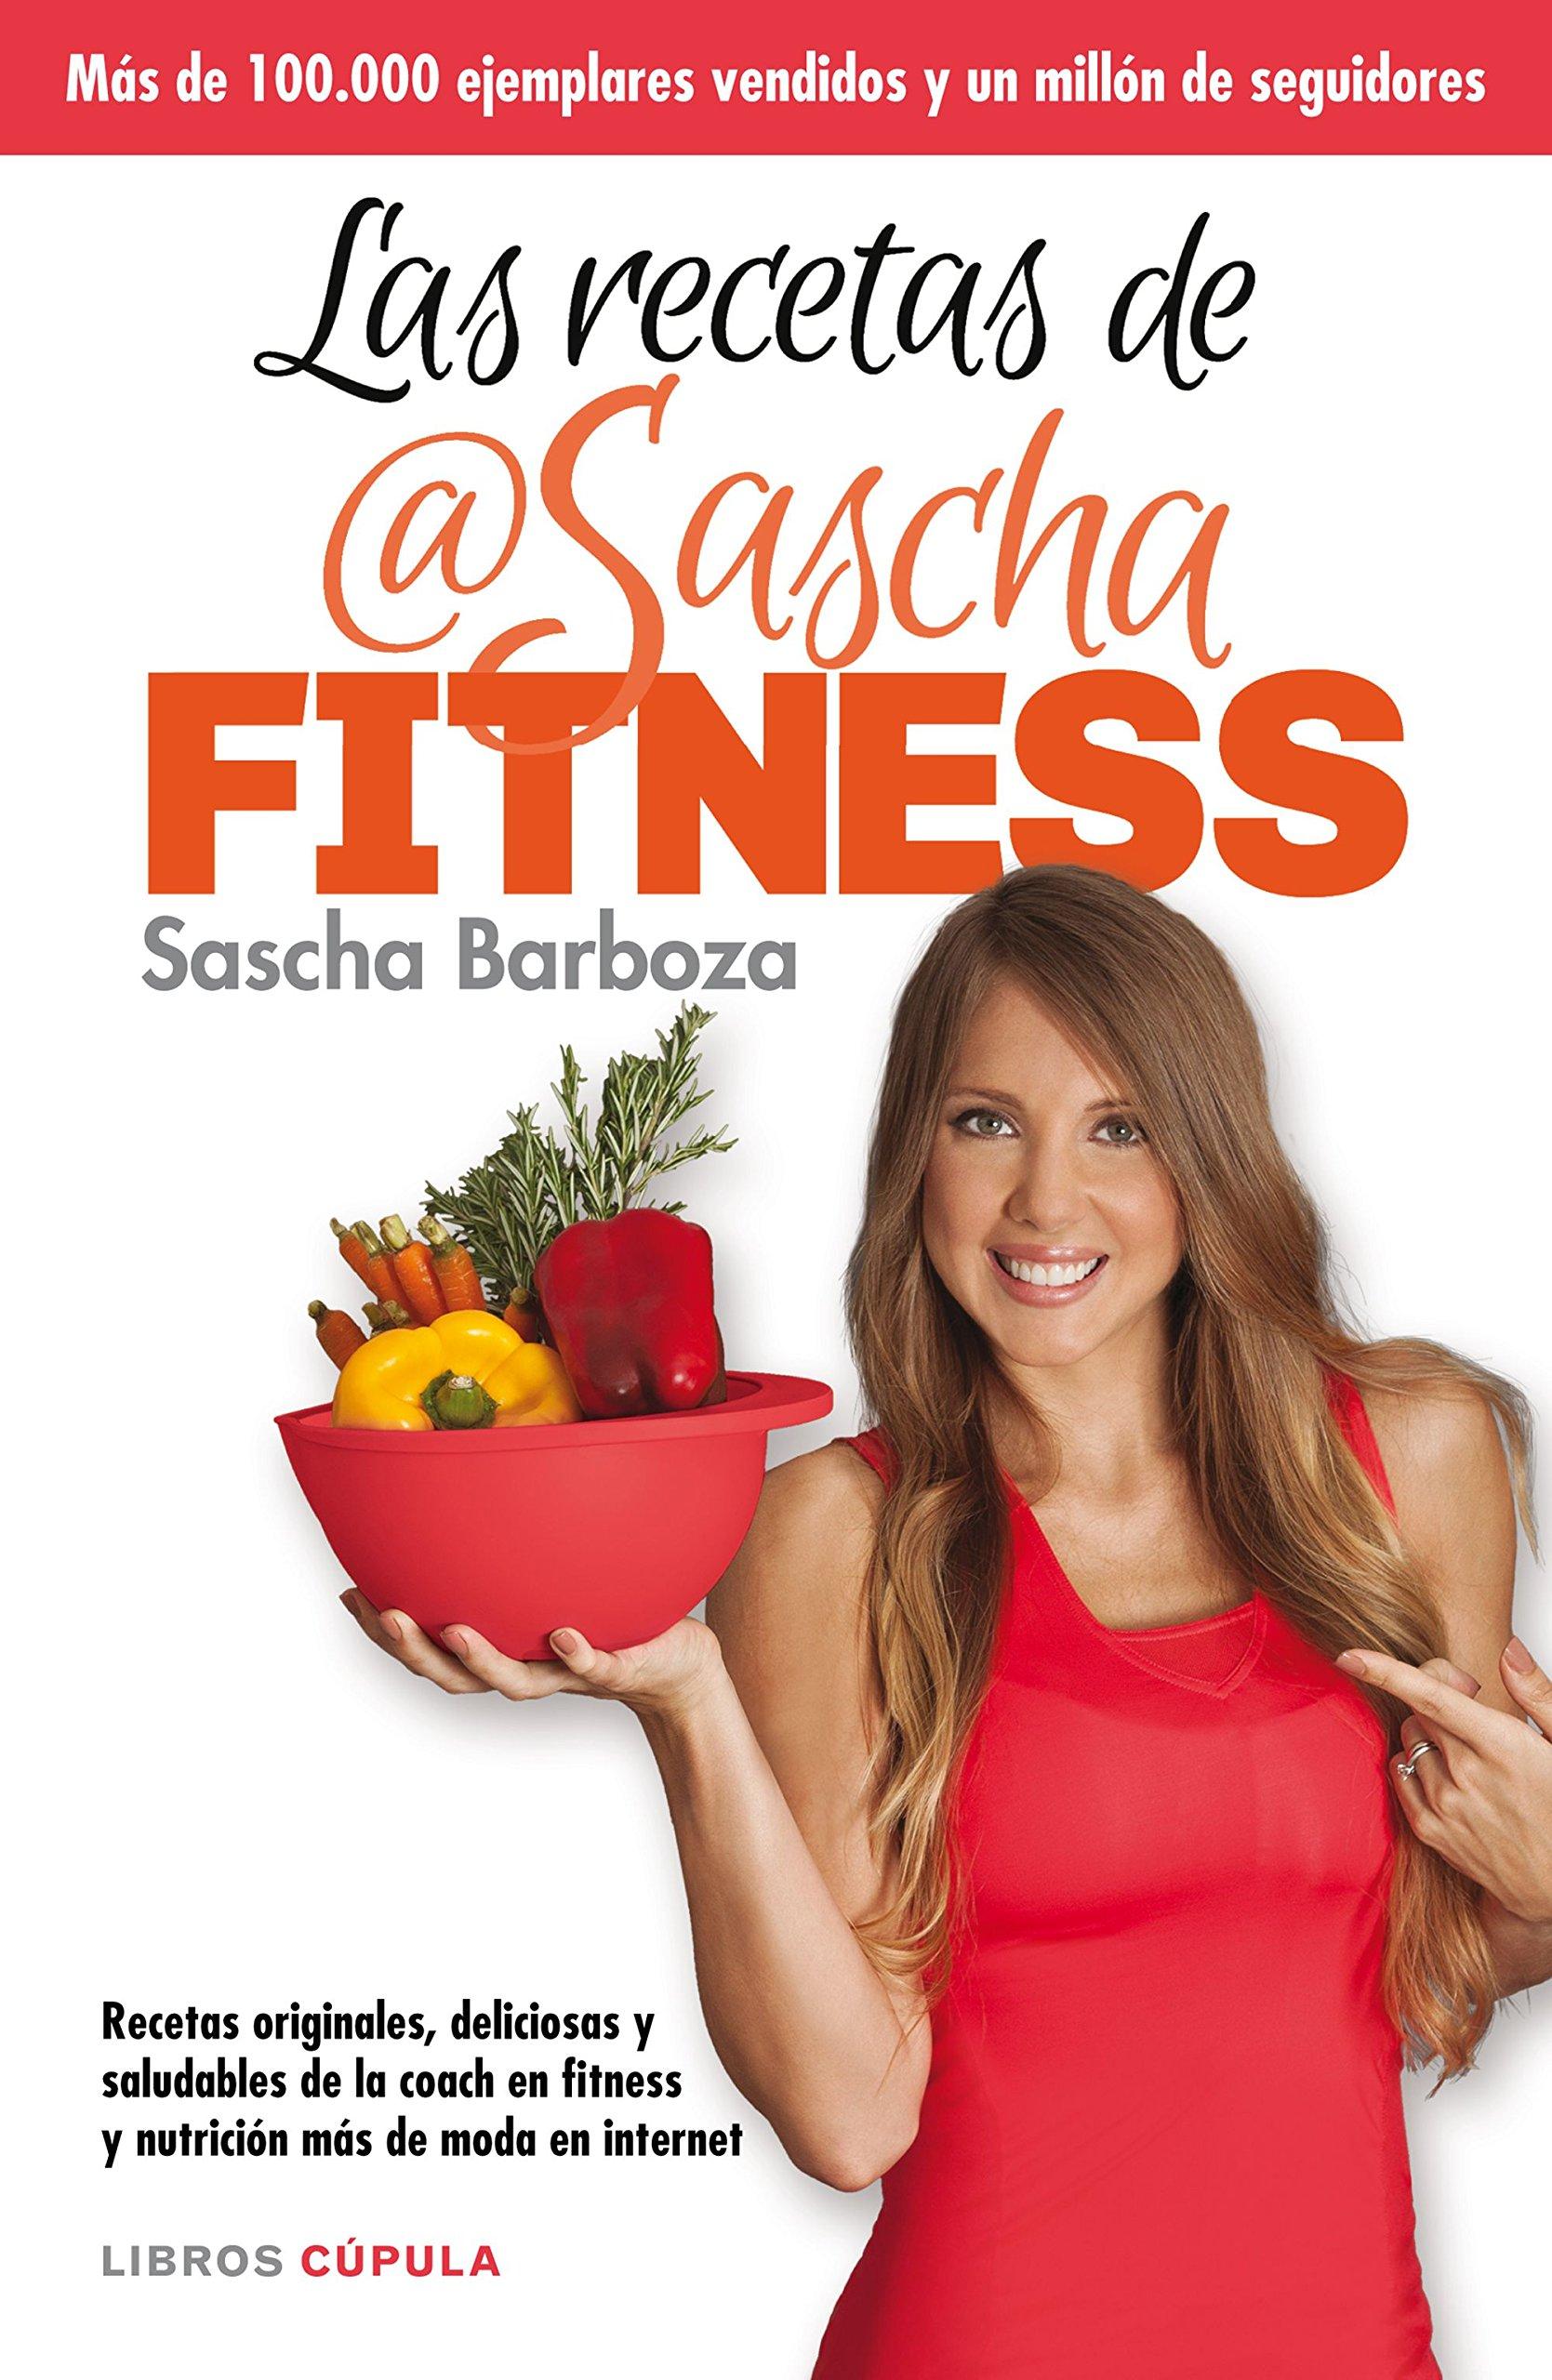 Las recetas de Sascha Fitness: Recetas originales, deliciosas ...